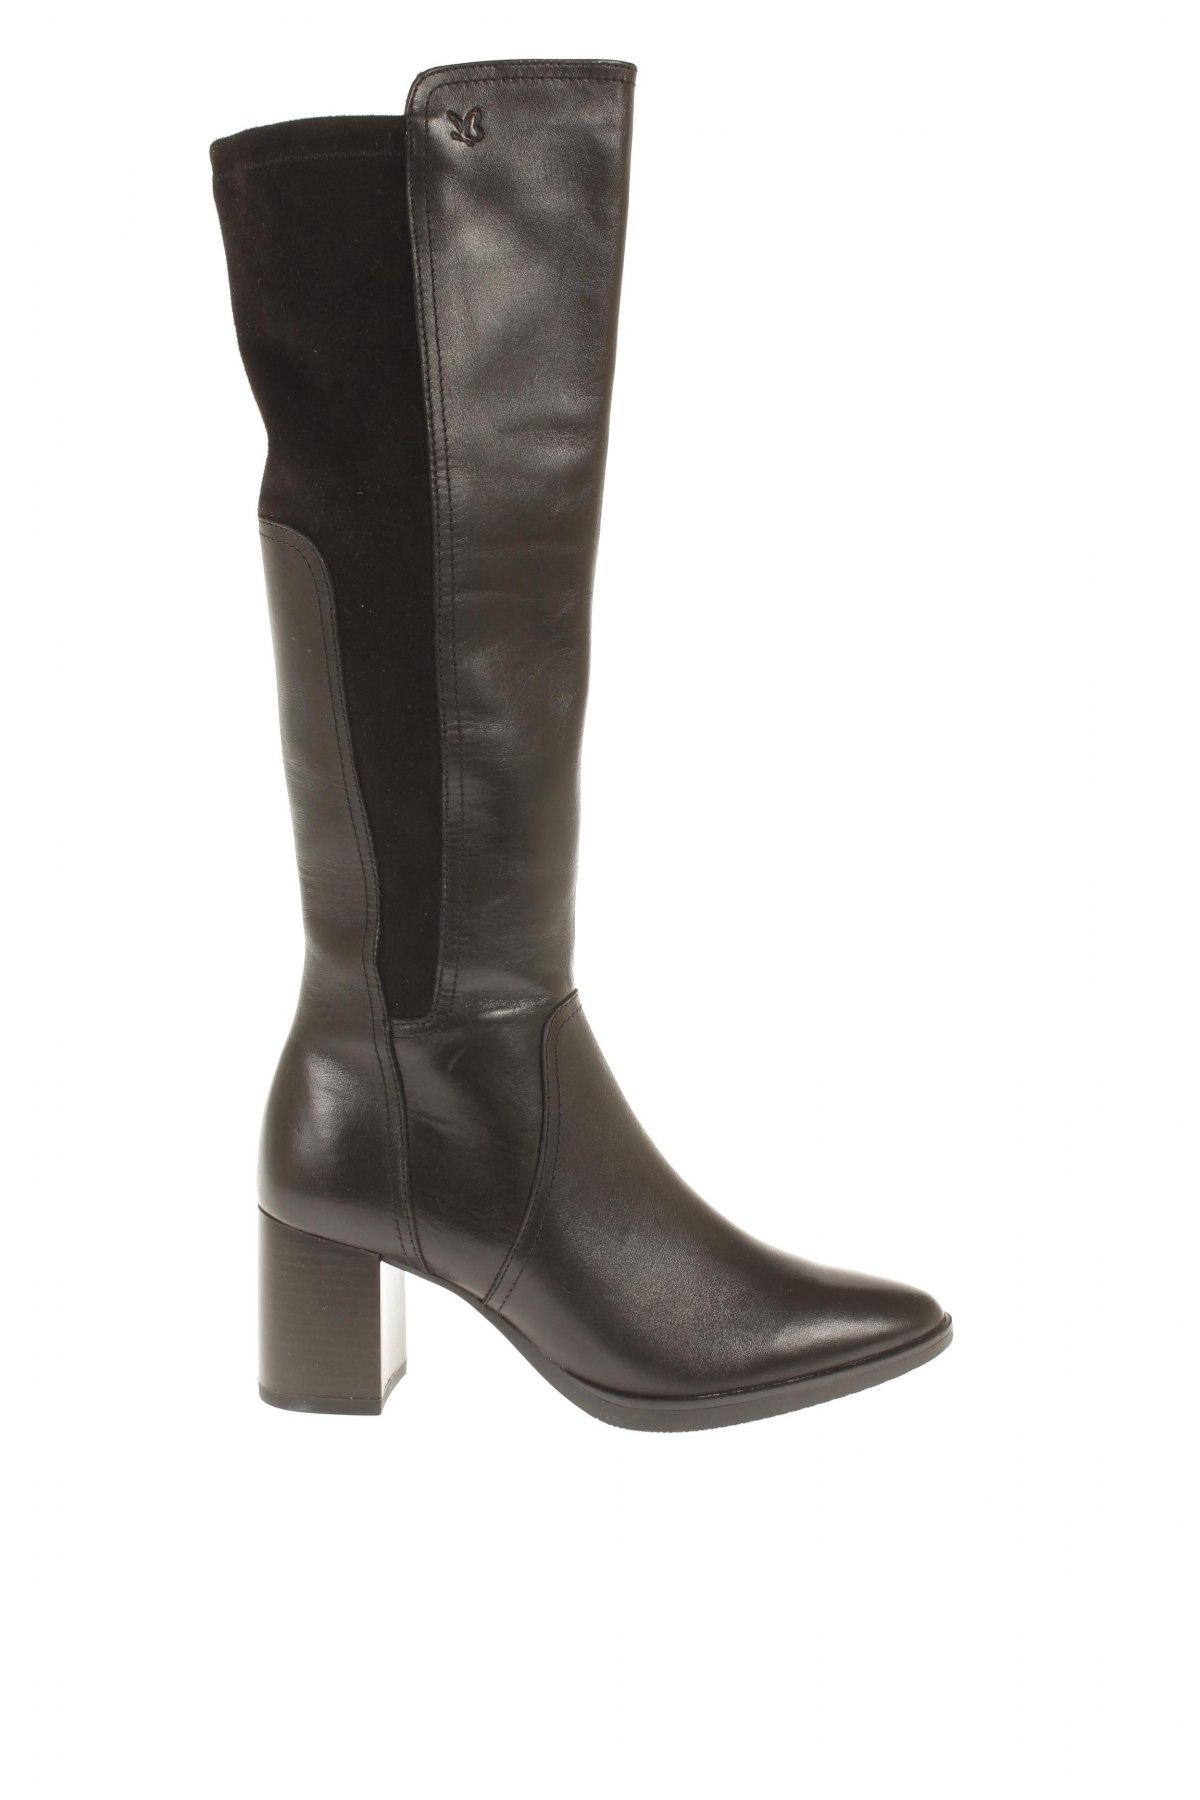 separation shoes d82a8 2a187 Damenstiefel Caprice